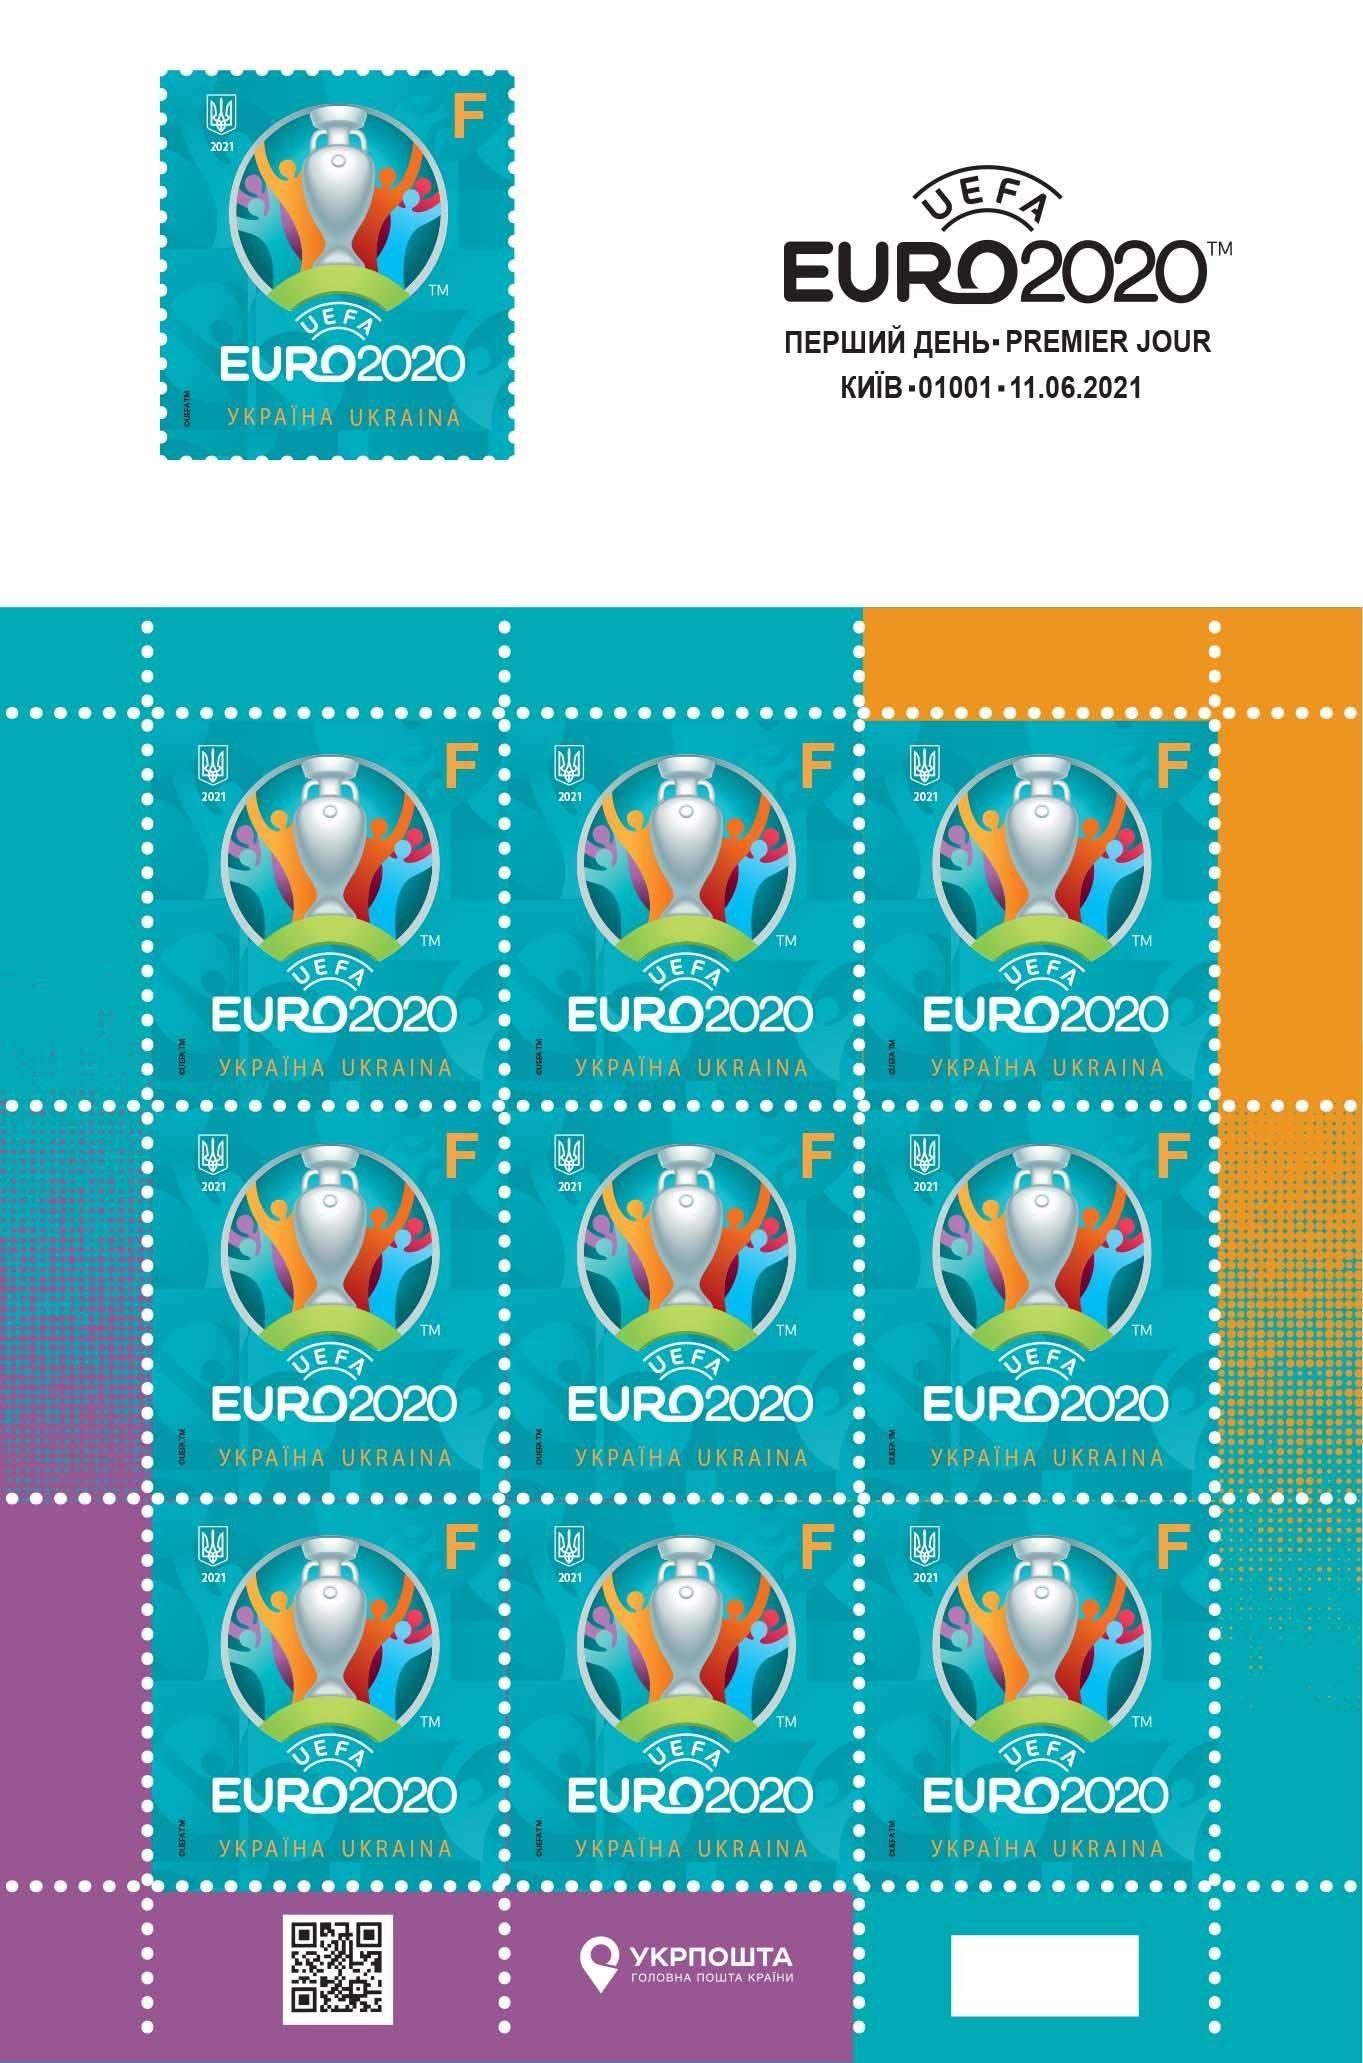 Марка Укрпошти до Євро-2020